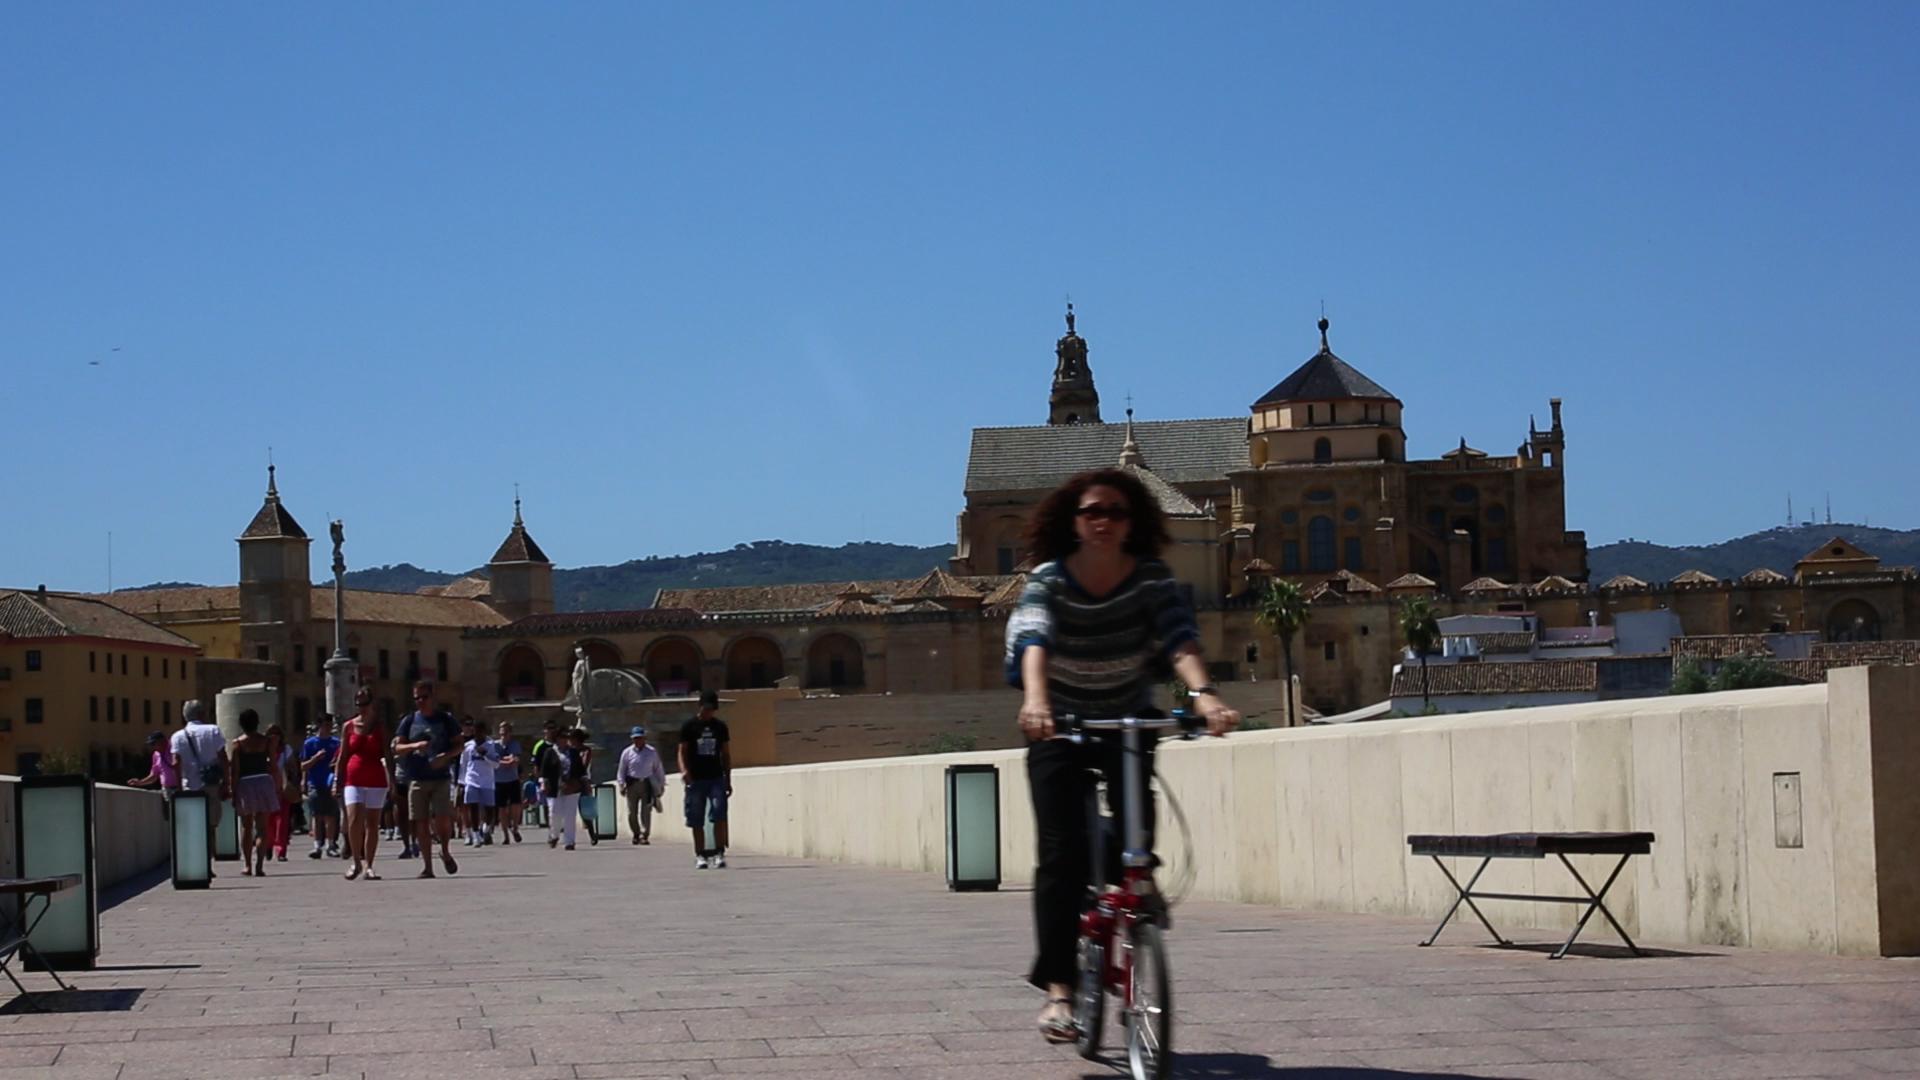 El Plan Andaluz de la Bicicleta prevé la construcción de 30,8 kms de vías ciclistas en la capital de Córdoba.